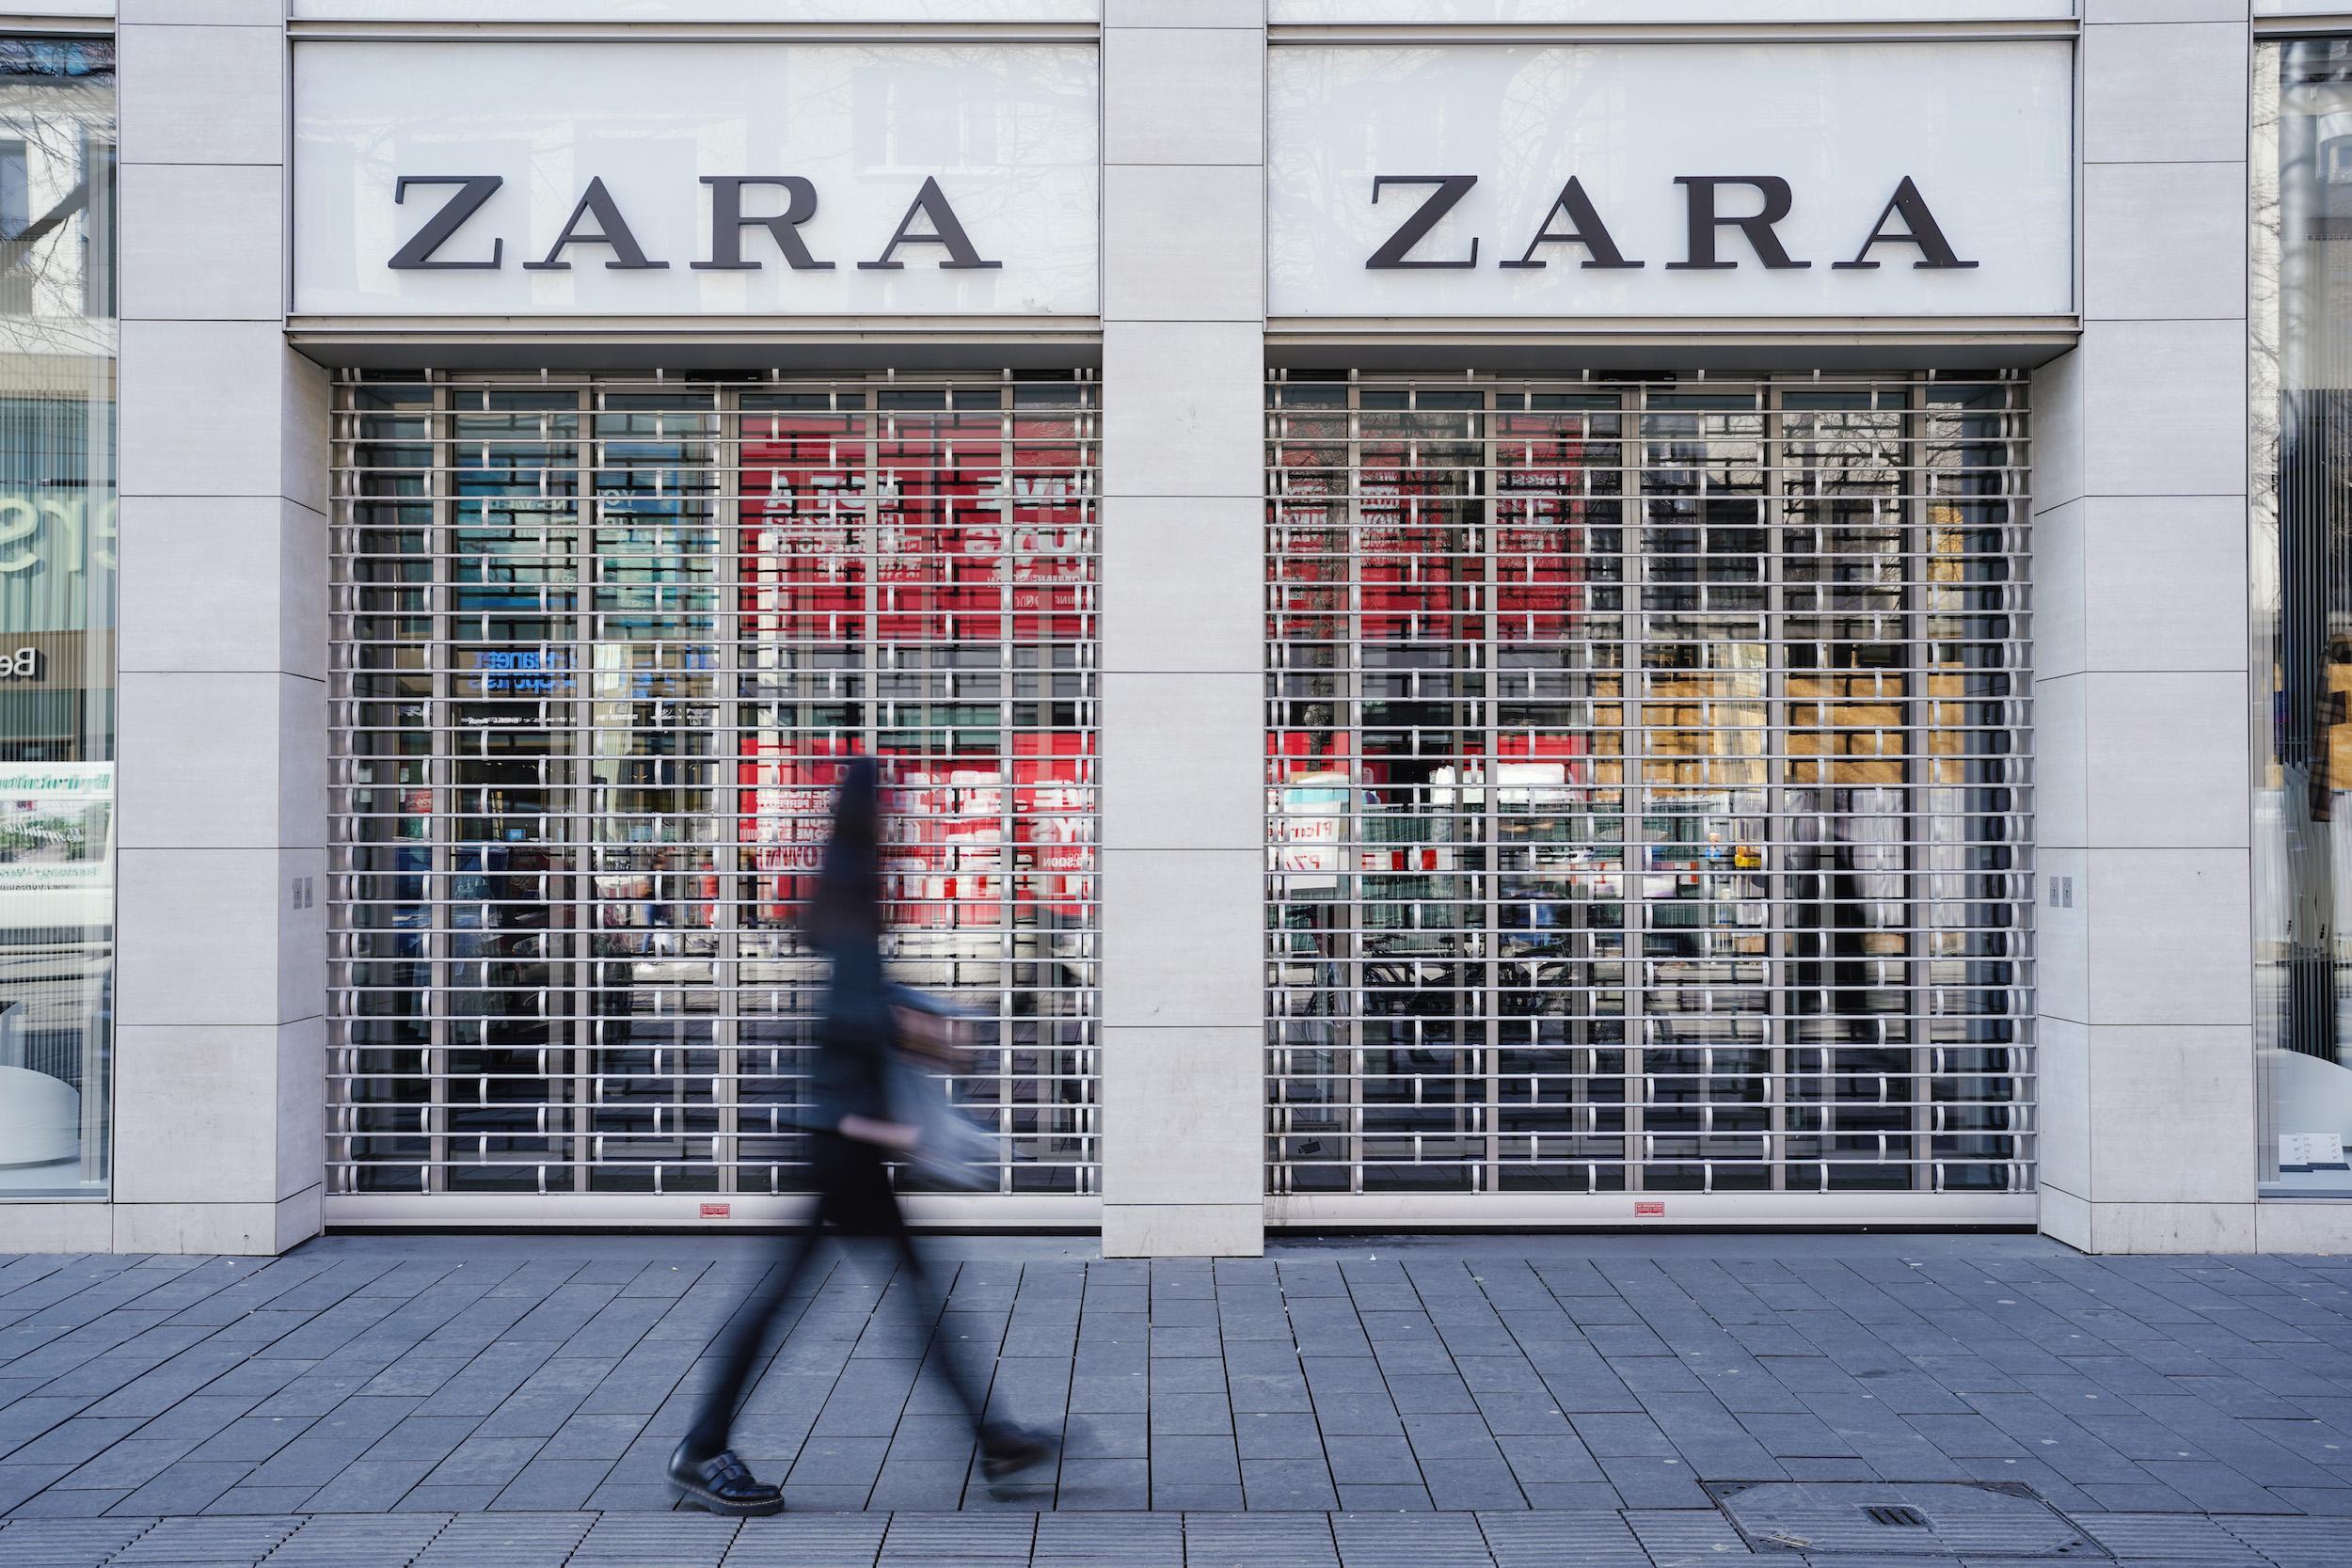 Una botiga de Zara, la cadena més popular d'Inditex, propietat d'Amancio Ortega / Europa Press